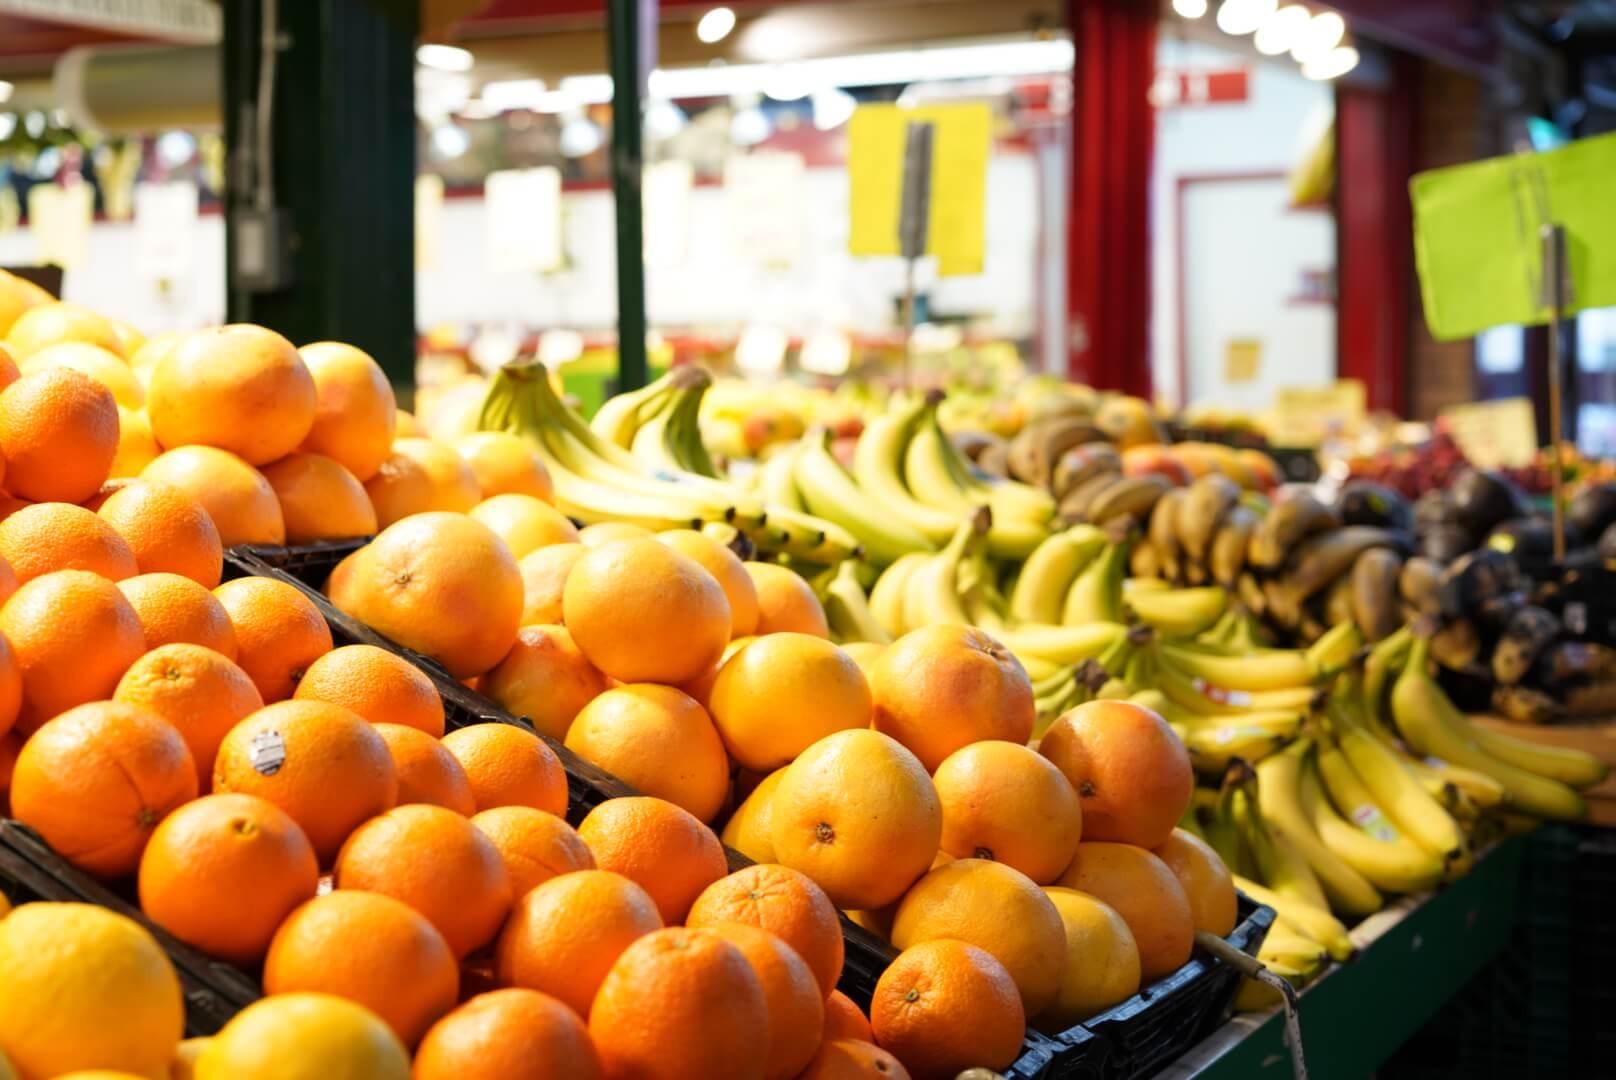 セントローレンスマーケット内の果物